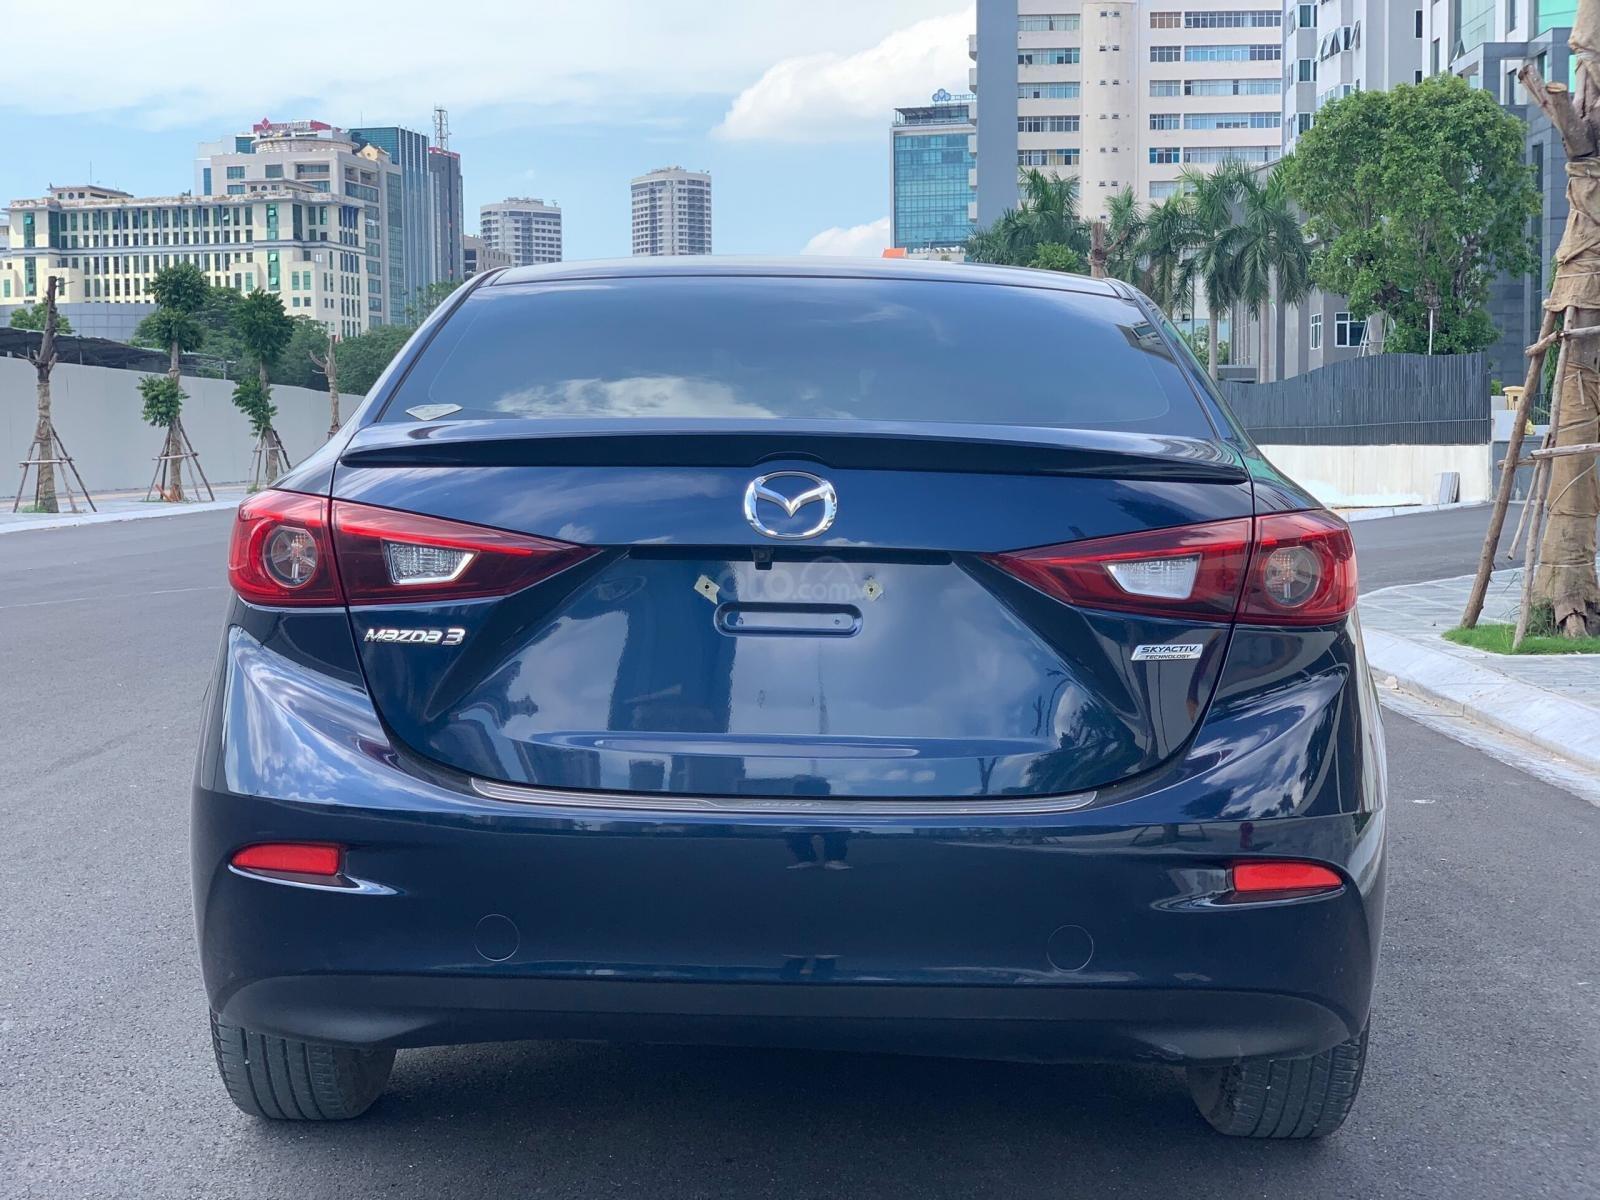 Bán gấp chiếc Mazda 3 màu xanh lam đời 2019, giá cực ưu đãi (5)